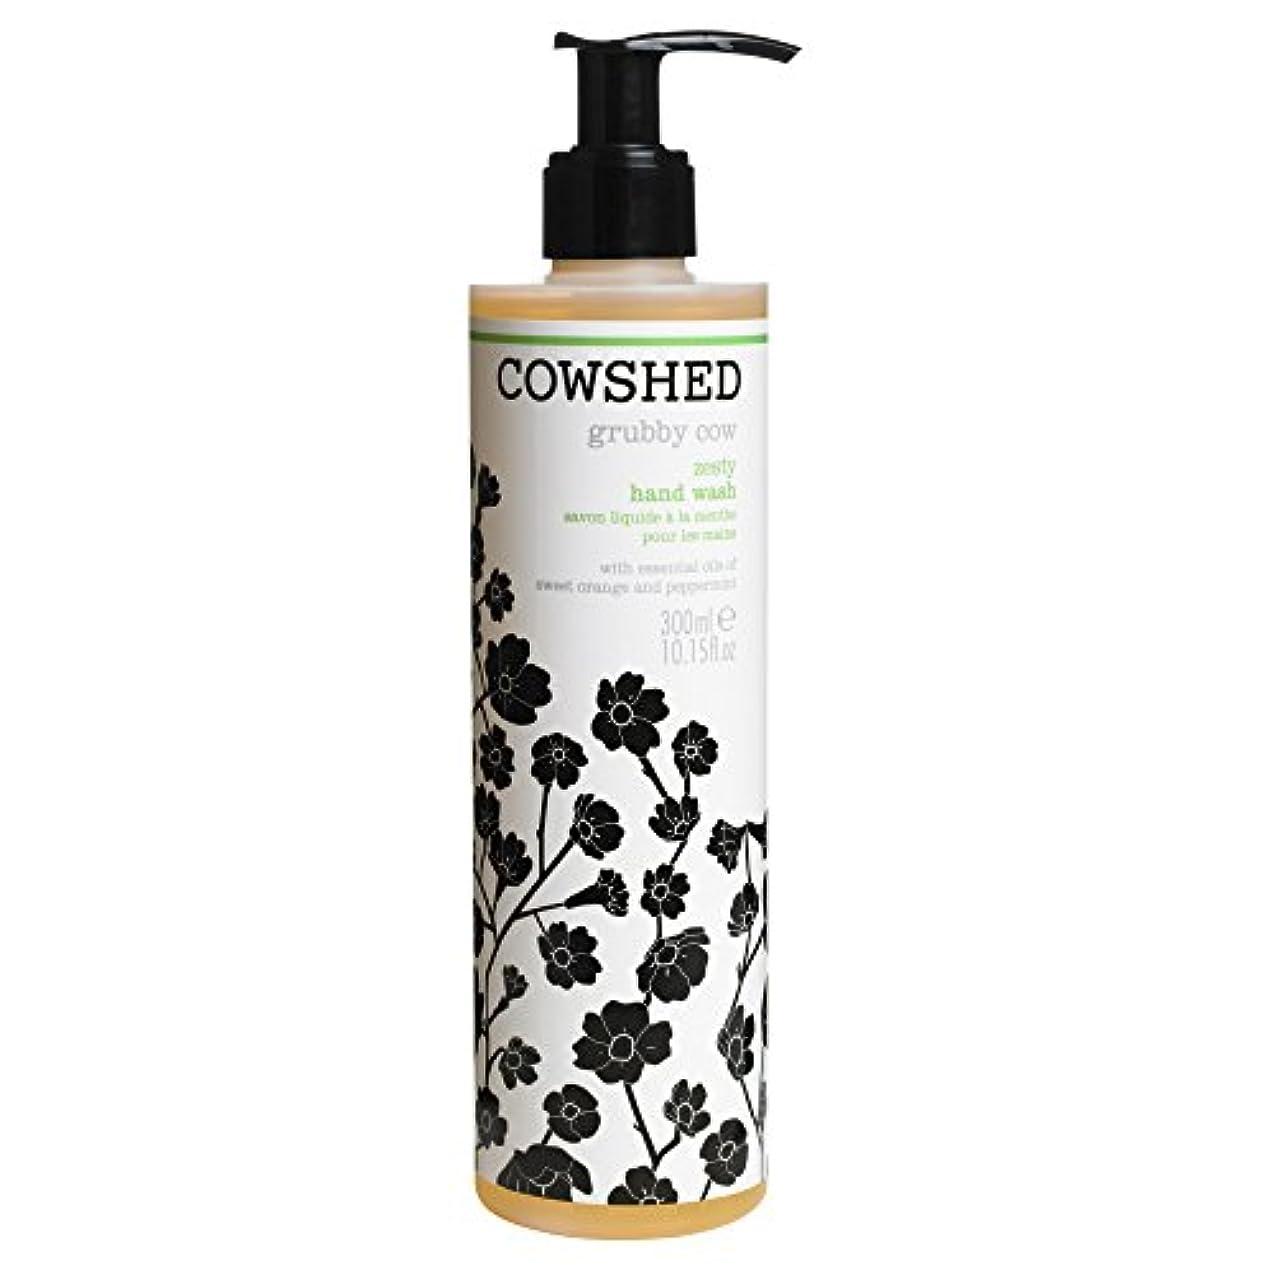 士気冗長港牛舎汚い牛ピリッハンドウォッシュ300ミリリットル (Cowshed) (x2) - Cowshed Grubby Cow Zesty Hand Wash 300ml (Pack of 2) [並行輸入品]